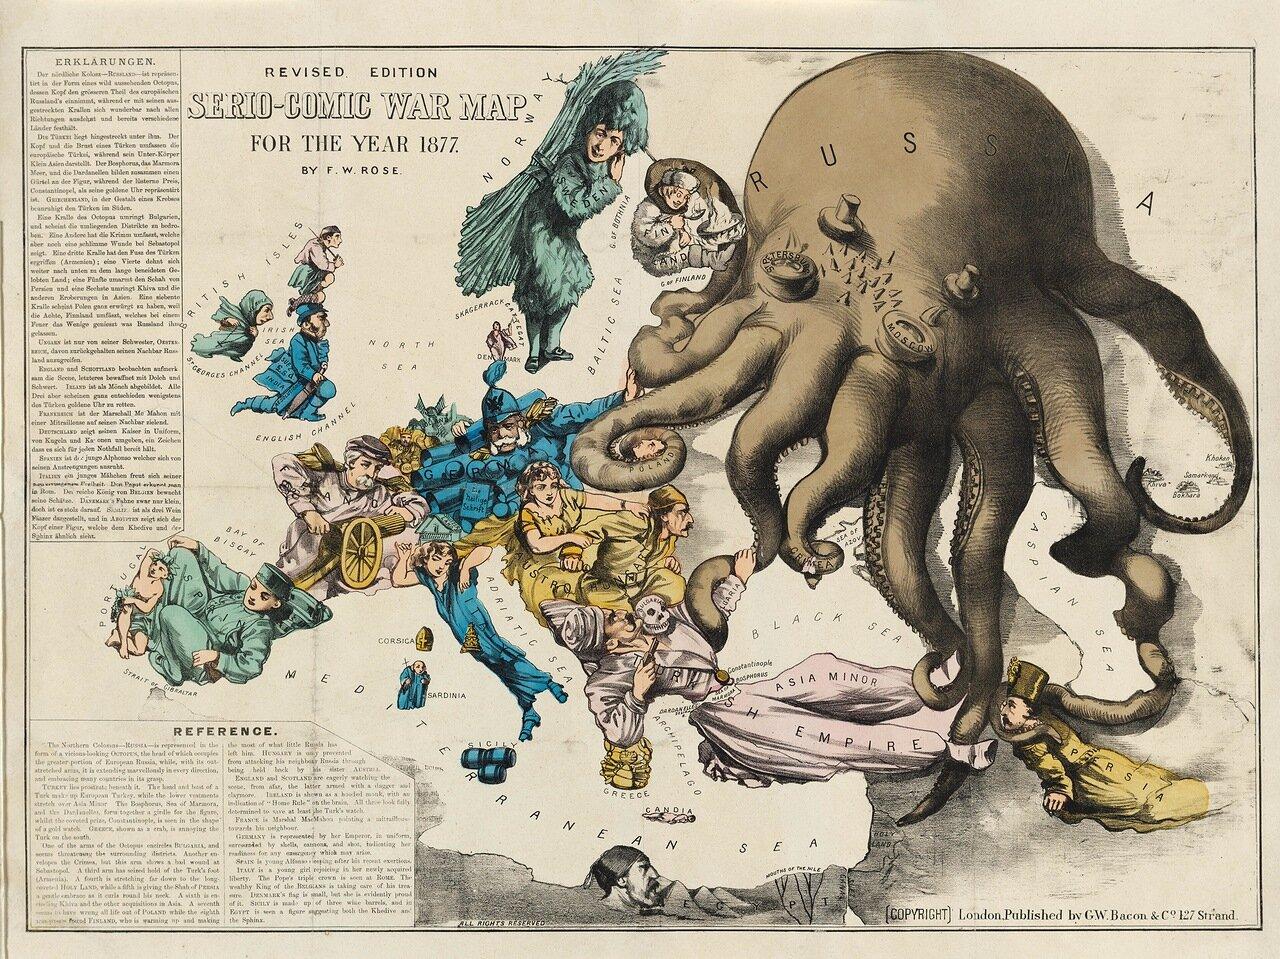 Комическая карта военных действий. Эта знаменитая сатирическая карта «Осьминог» была впервые опубликована в марте 1877 года, через два месяца после того, как Россия напала на Османскую империю в ответ на турецкую резню  болгарских христиан